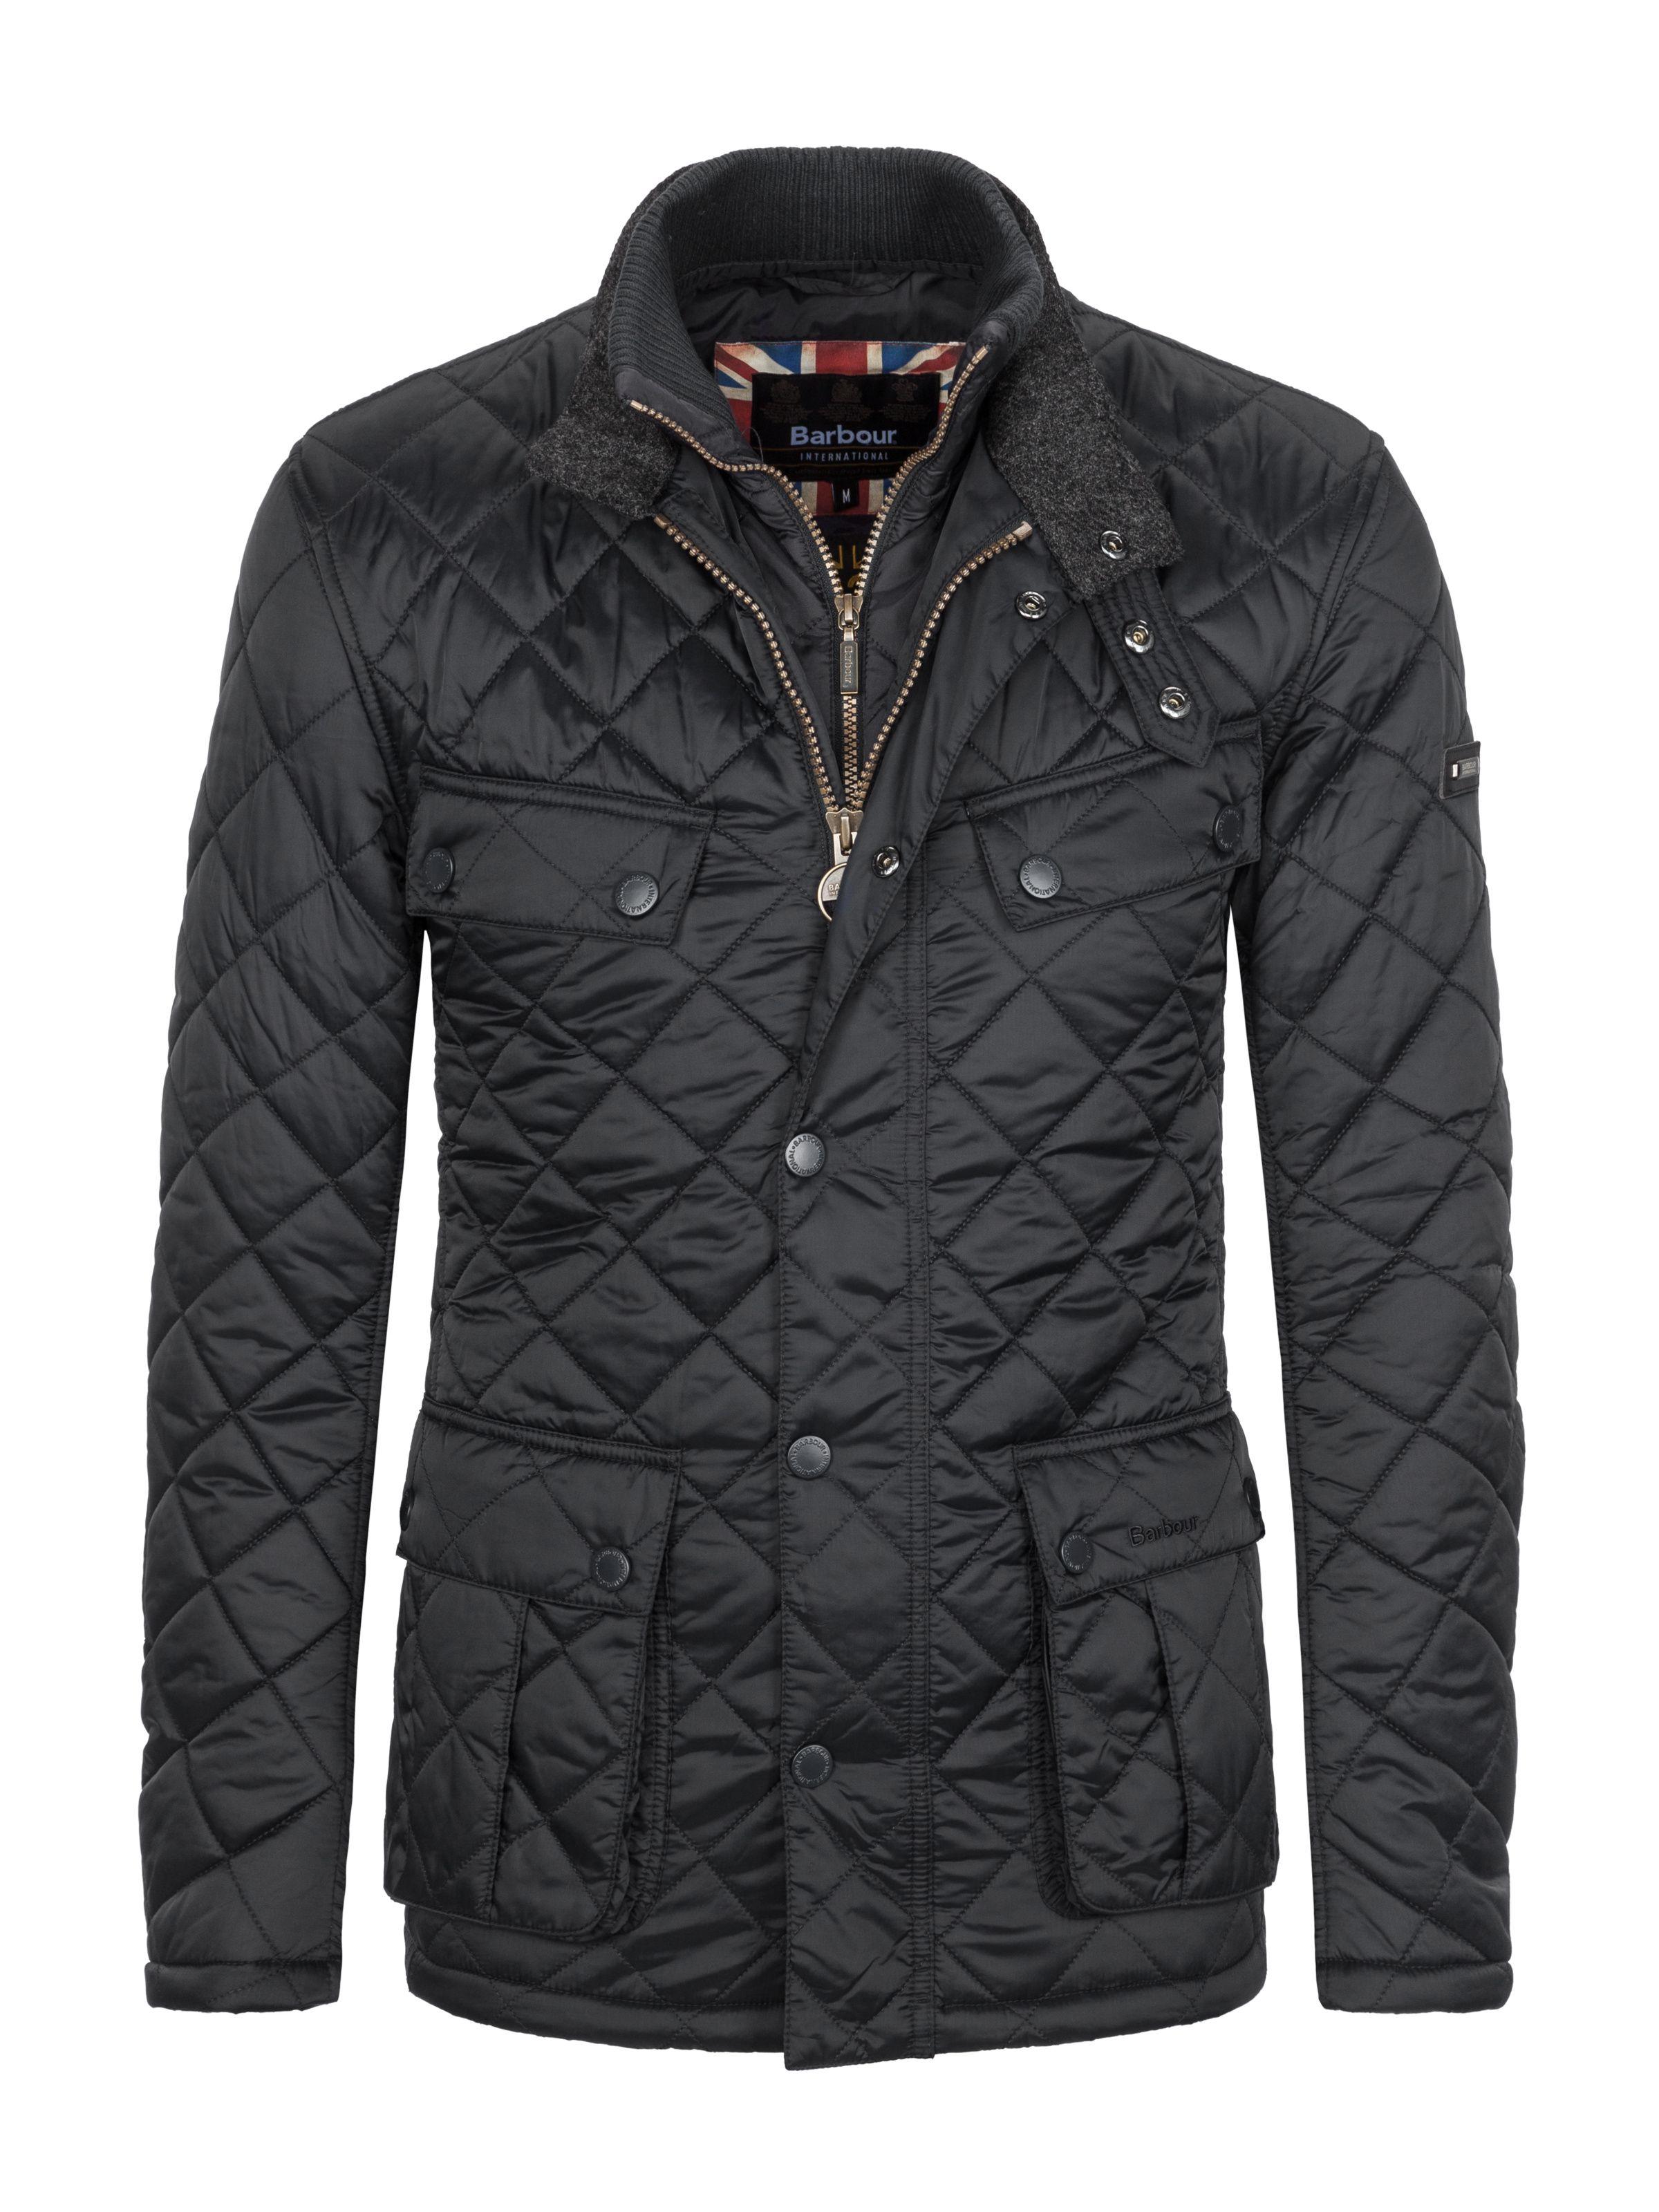 Barbour International Modische Steppjacke Windshield Schwarz Hirmer Herrenmode Sale Hirmer Munchen Quilted Jacket Men Men S Coats And Jackets Stylish Men